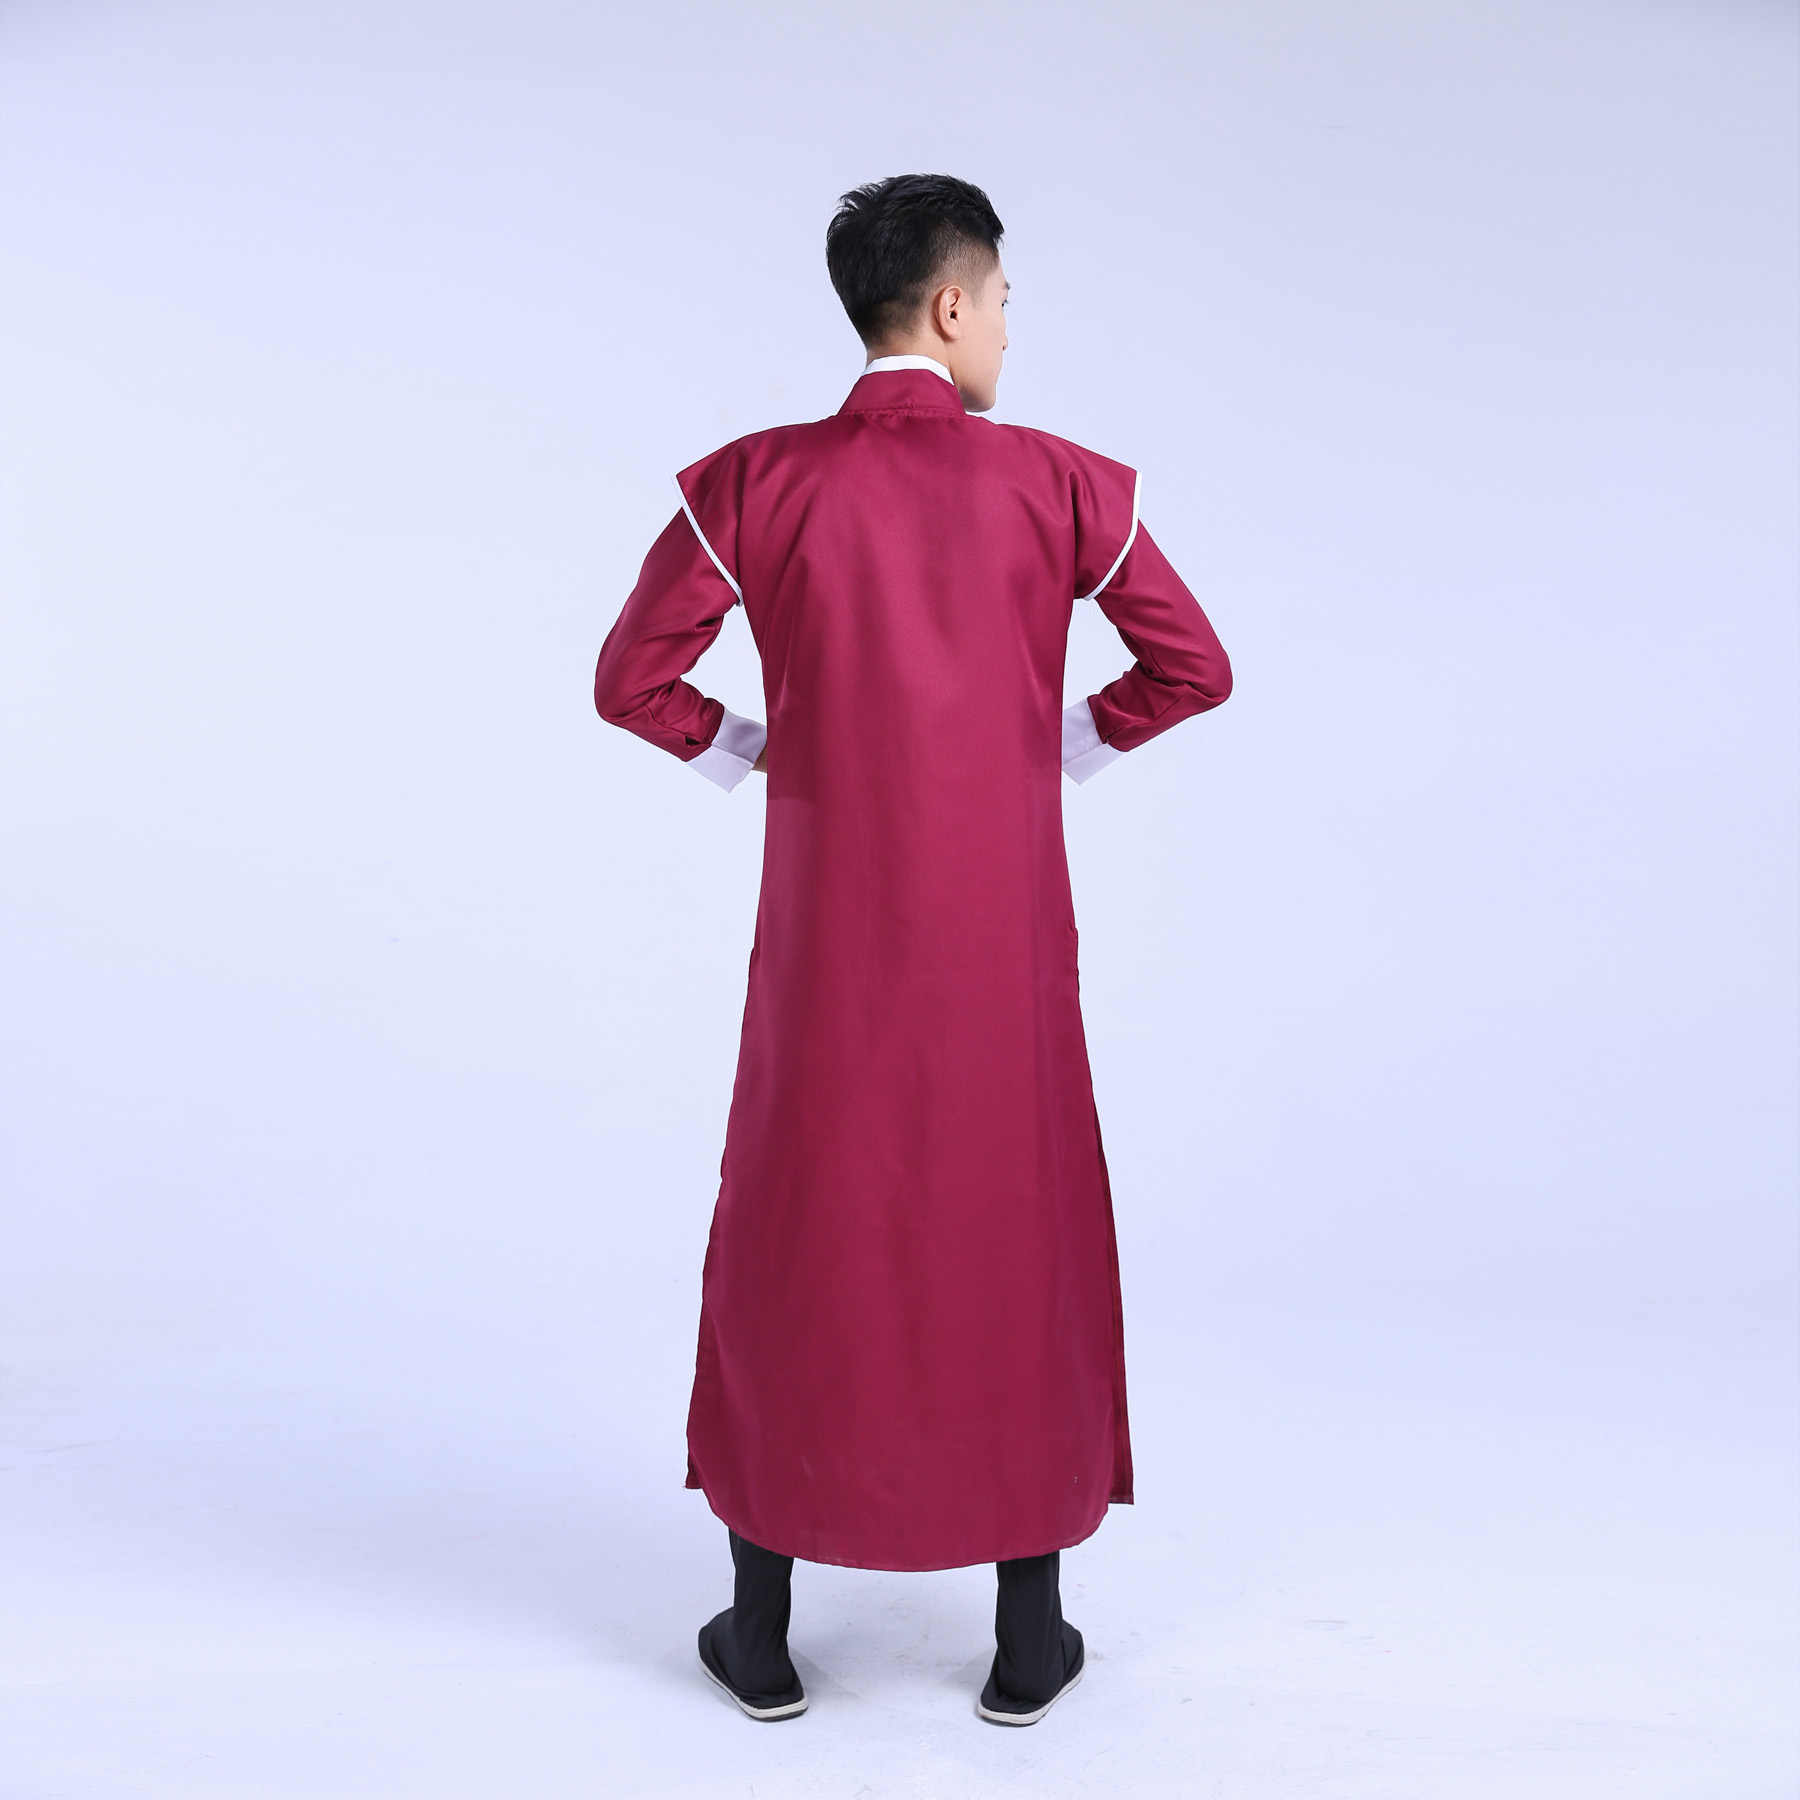 Nazionale Rosso Intrattenimento Musiche E Canzoni Costume per Gli Uomini Tradizionale Dinastia Tang Abbigliamento per Performance Sul Palco Cosplay Costume Danza Popolare